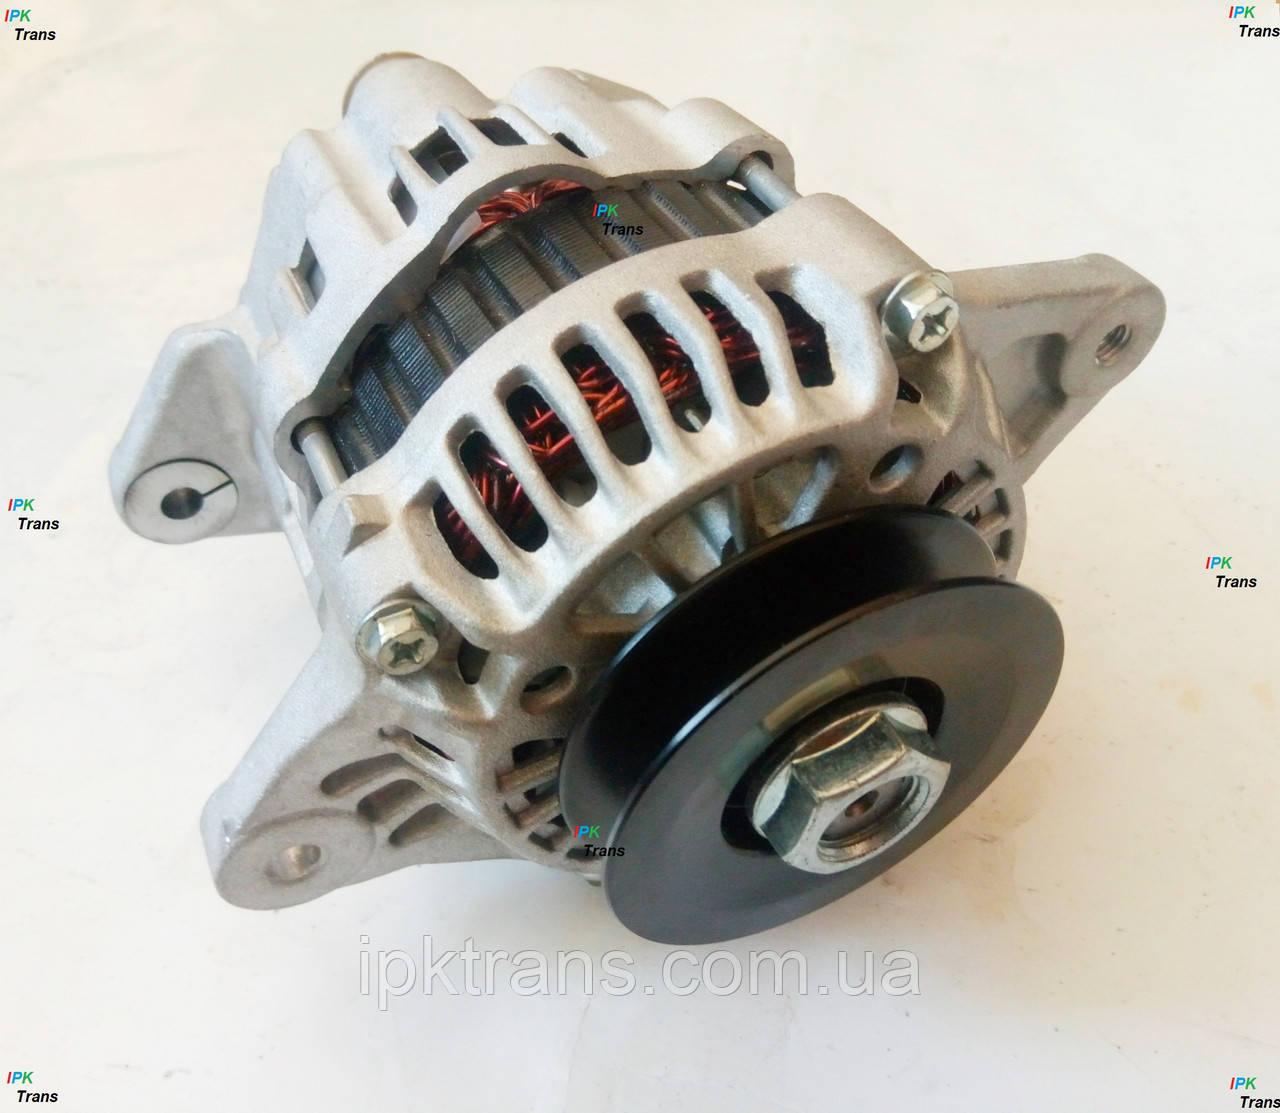 Генератор двигателя NISSAN K25